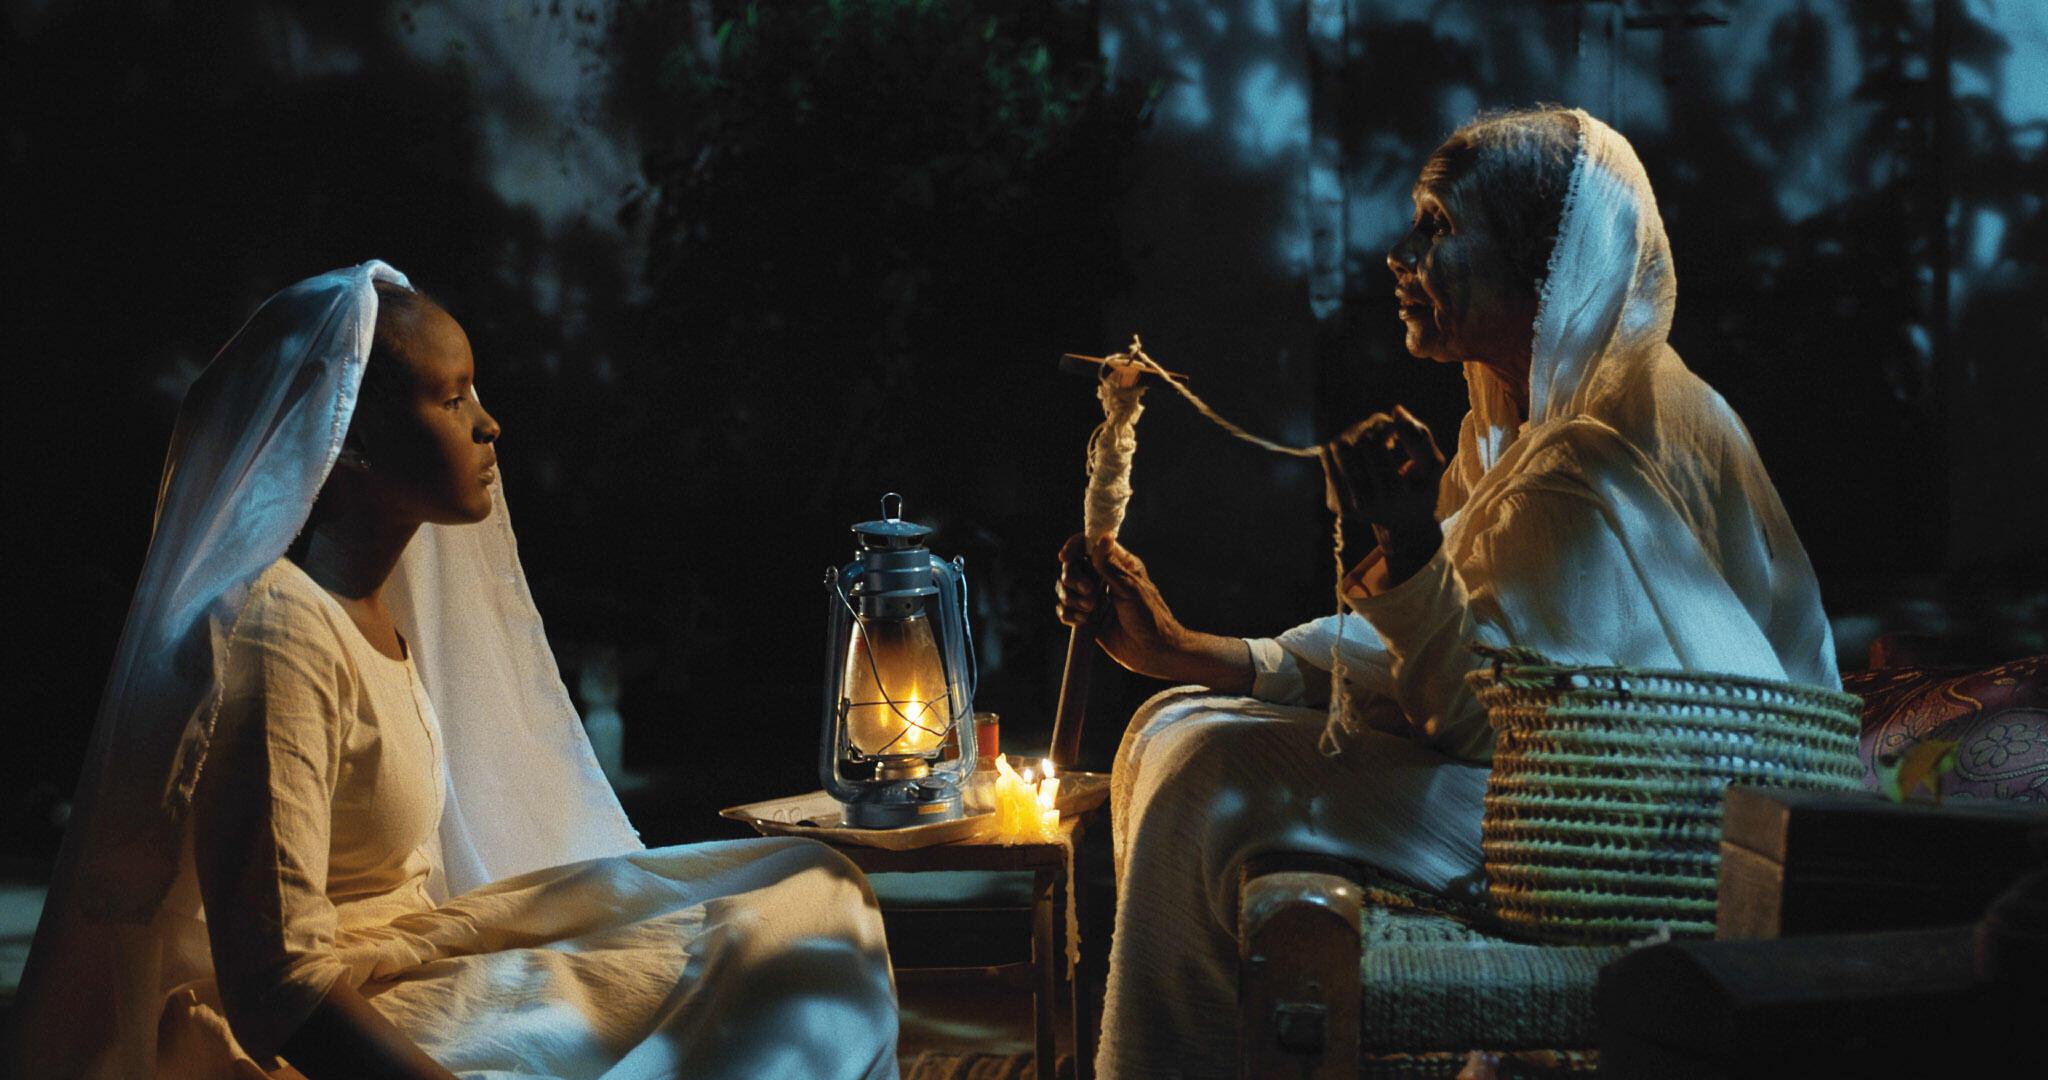 « Al-Sit », de Suzannah Mirghani (Soudan, Qatar), primé avec le Prix Canal+/Cine+ au Festiva l du court métrage de Clermont-Ferrand 2021.  ©SQPLCM